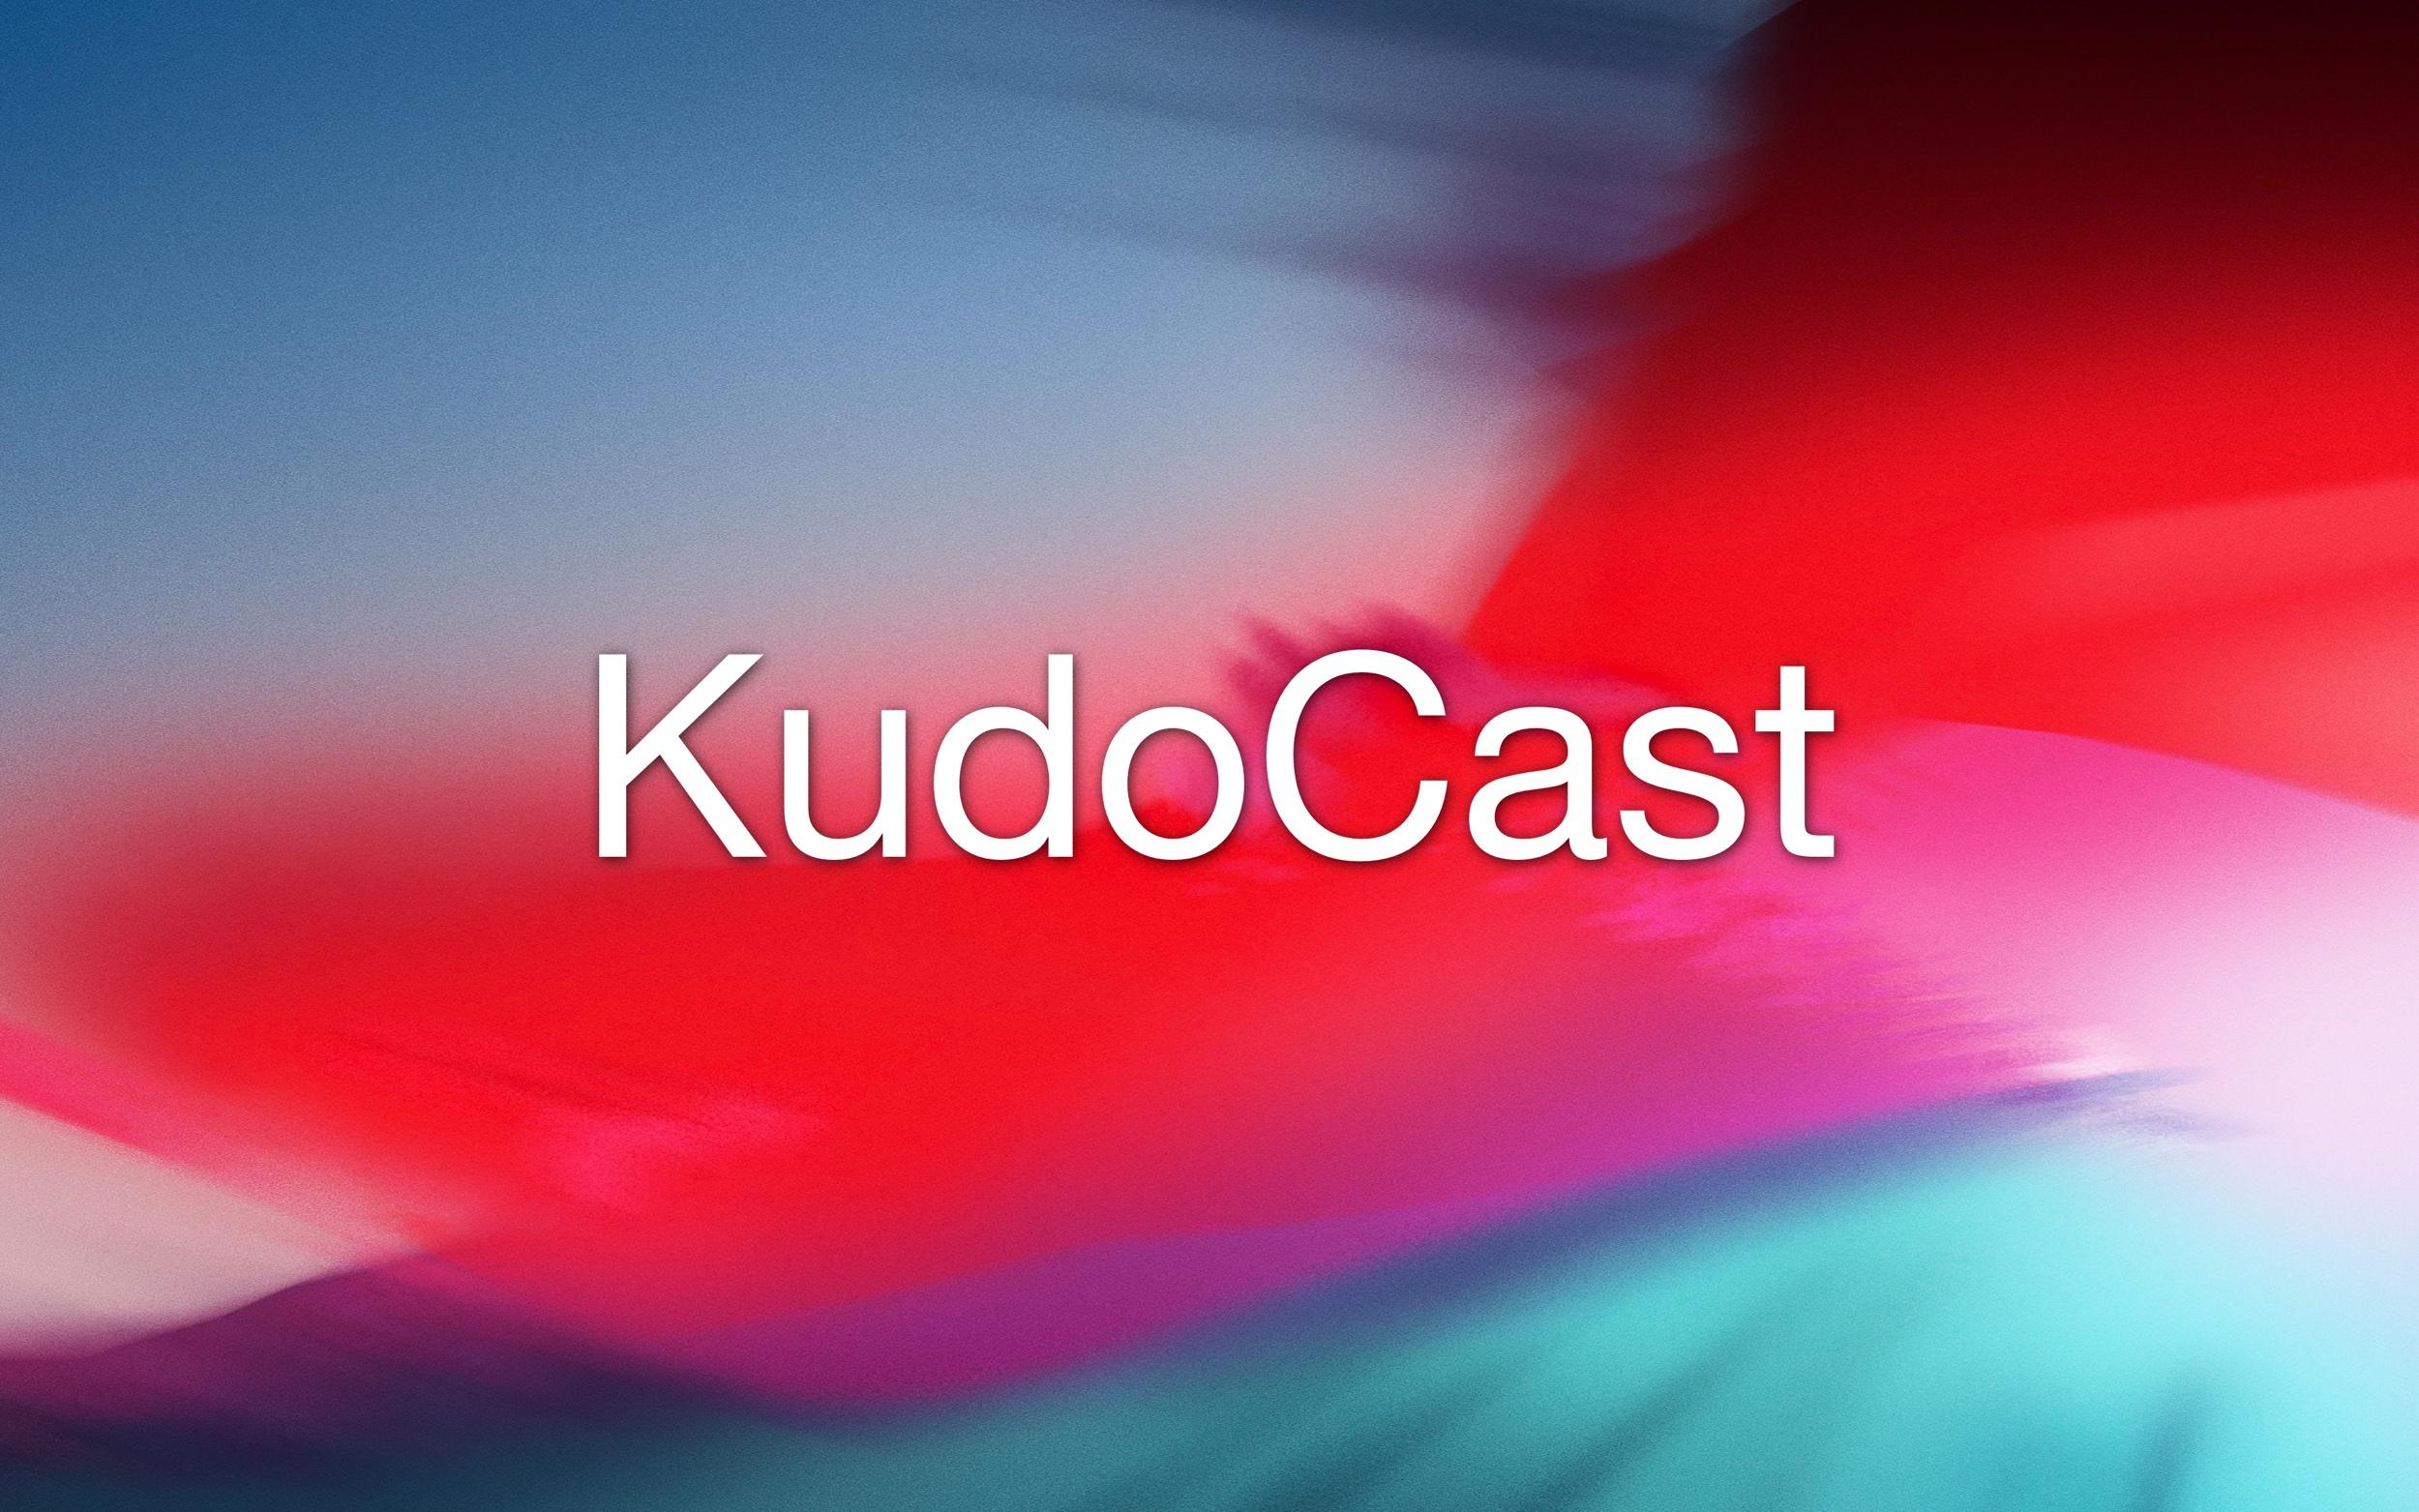 새로운 KudoCast 피드를 소개합니다